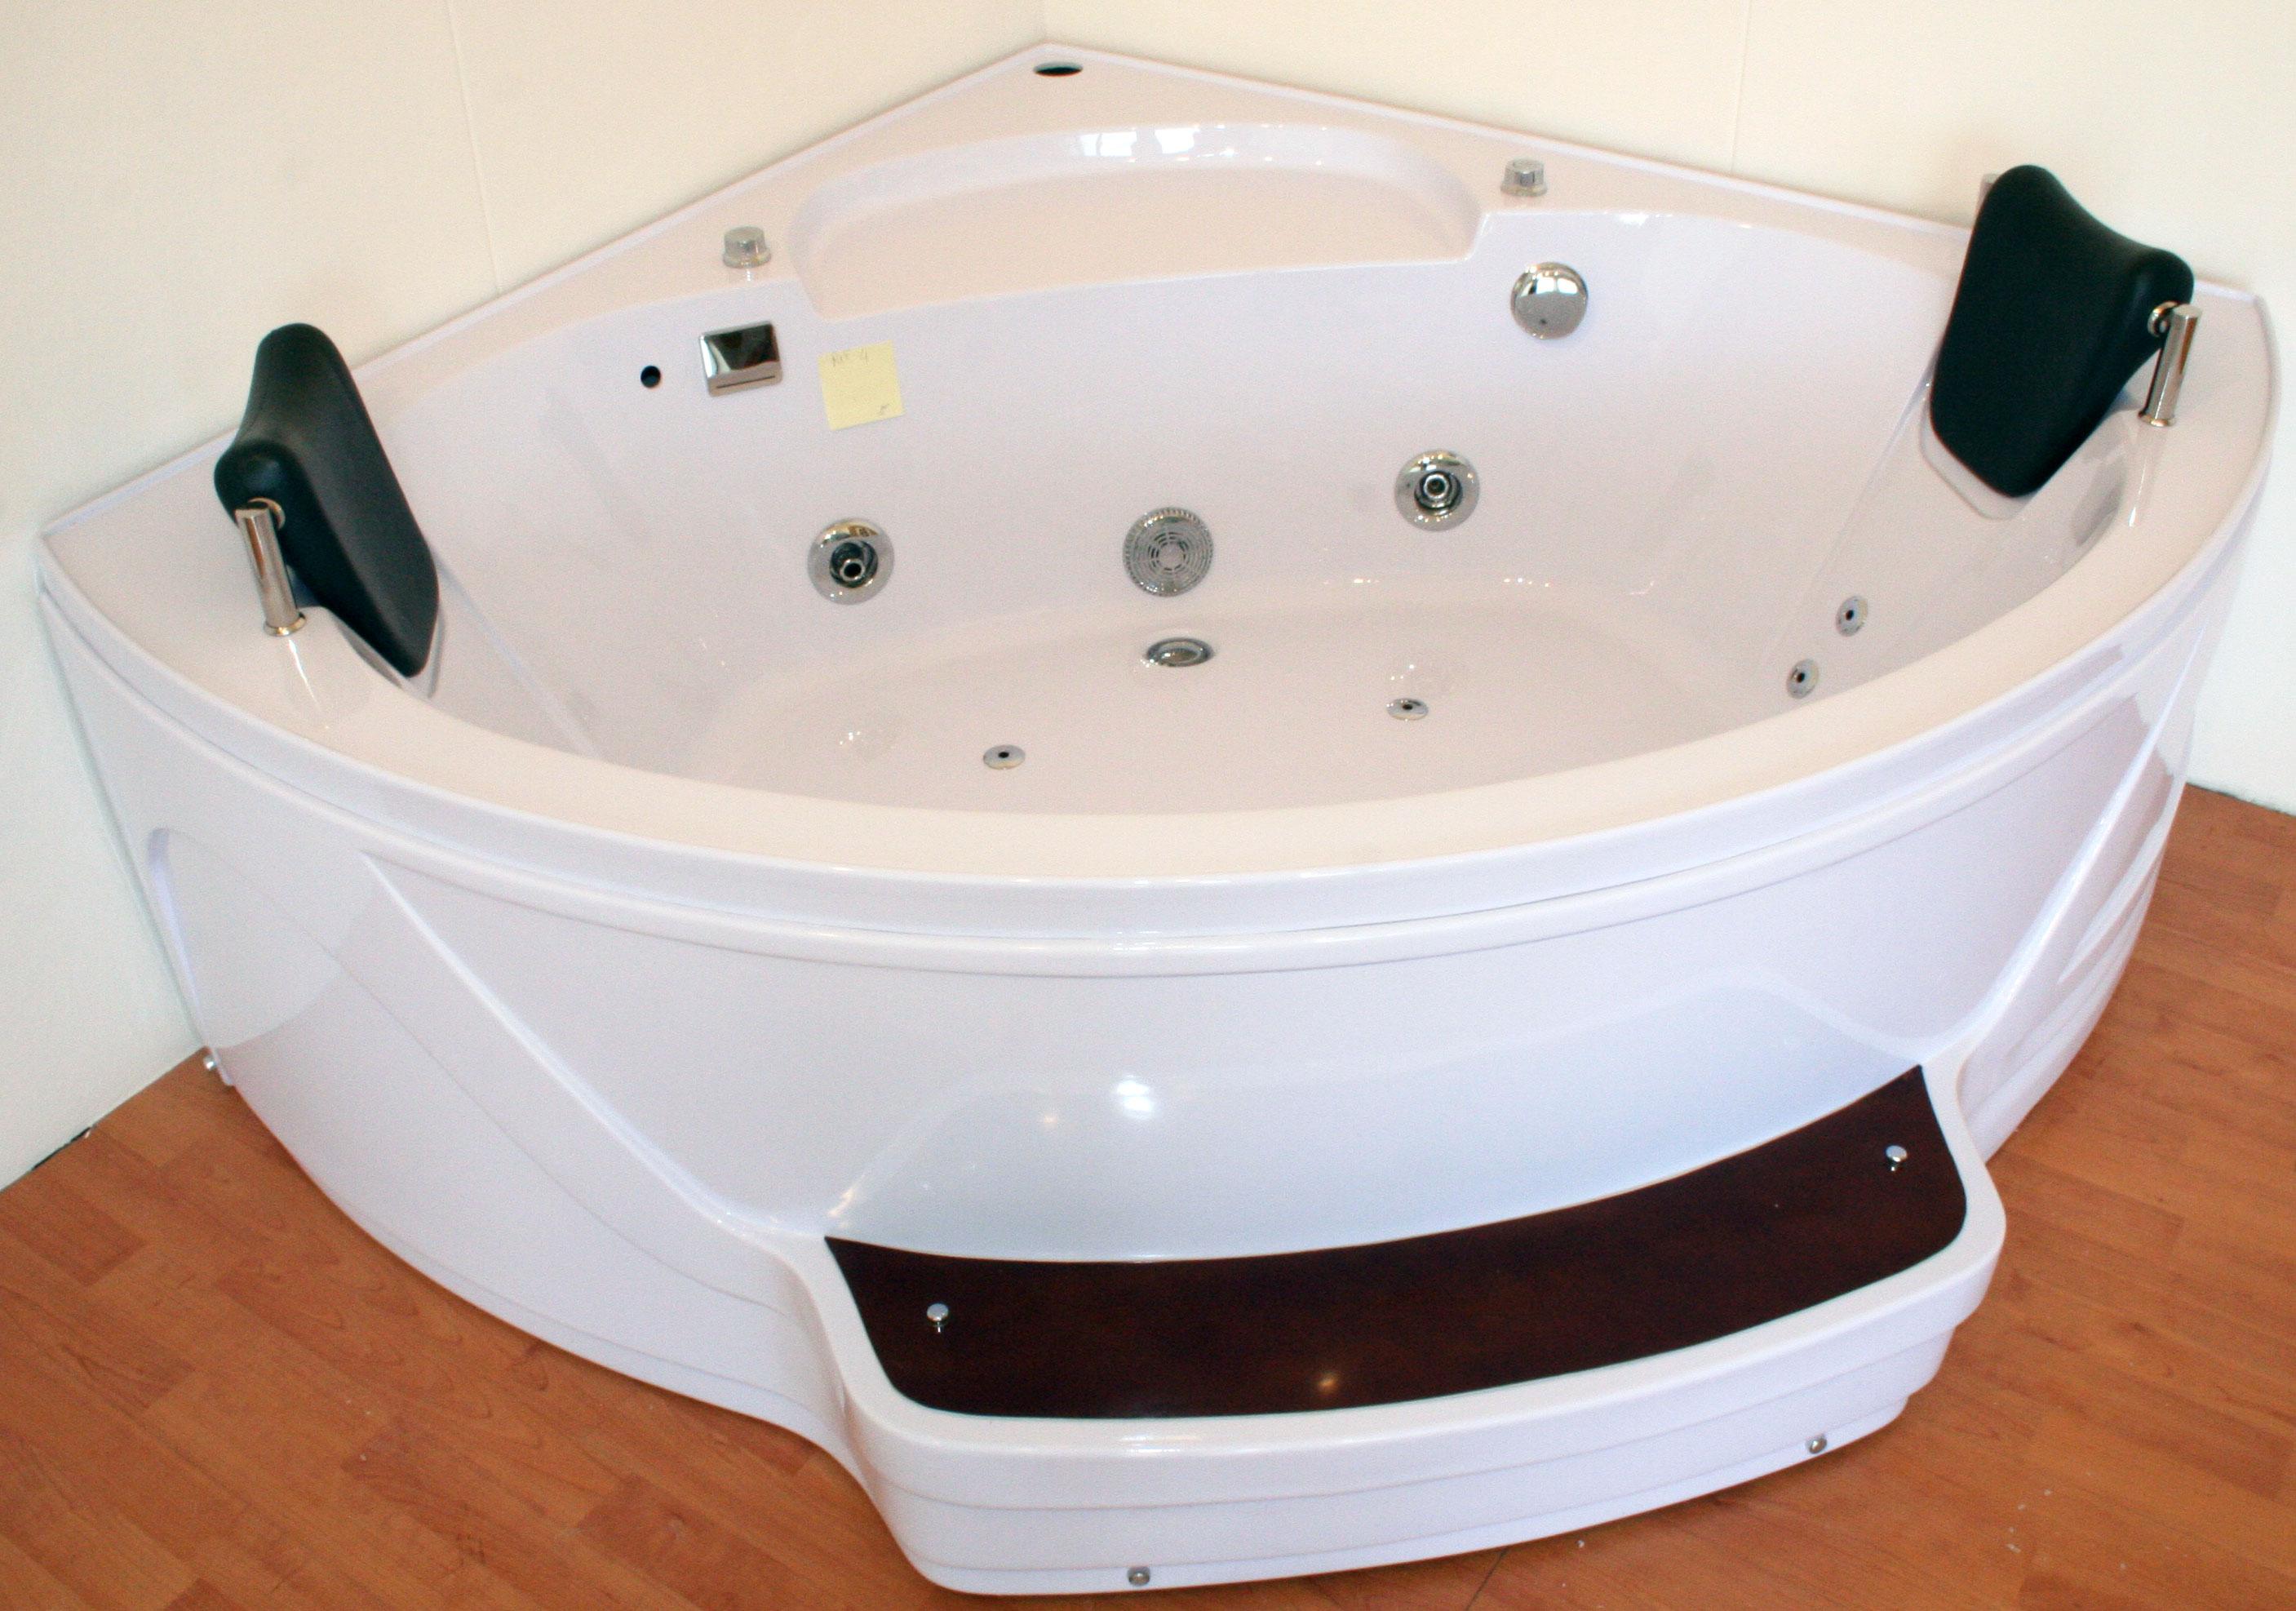 Vasca da bagno 90 90 termosifoni in ghisa scheda tecnica - Vasca da bagno angolare misure ...